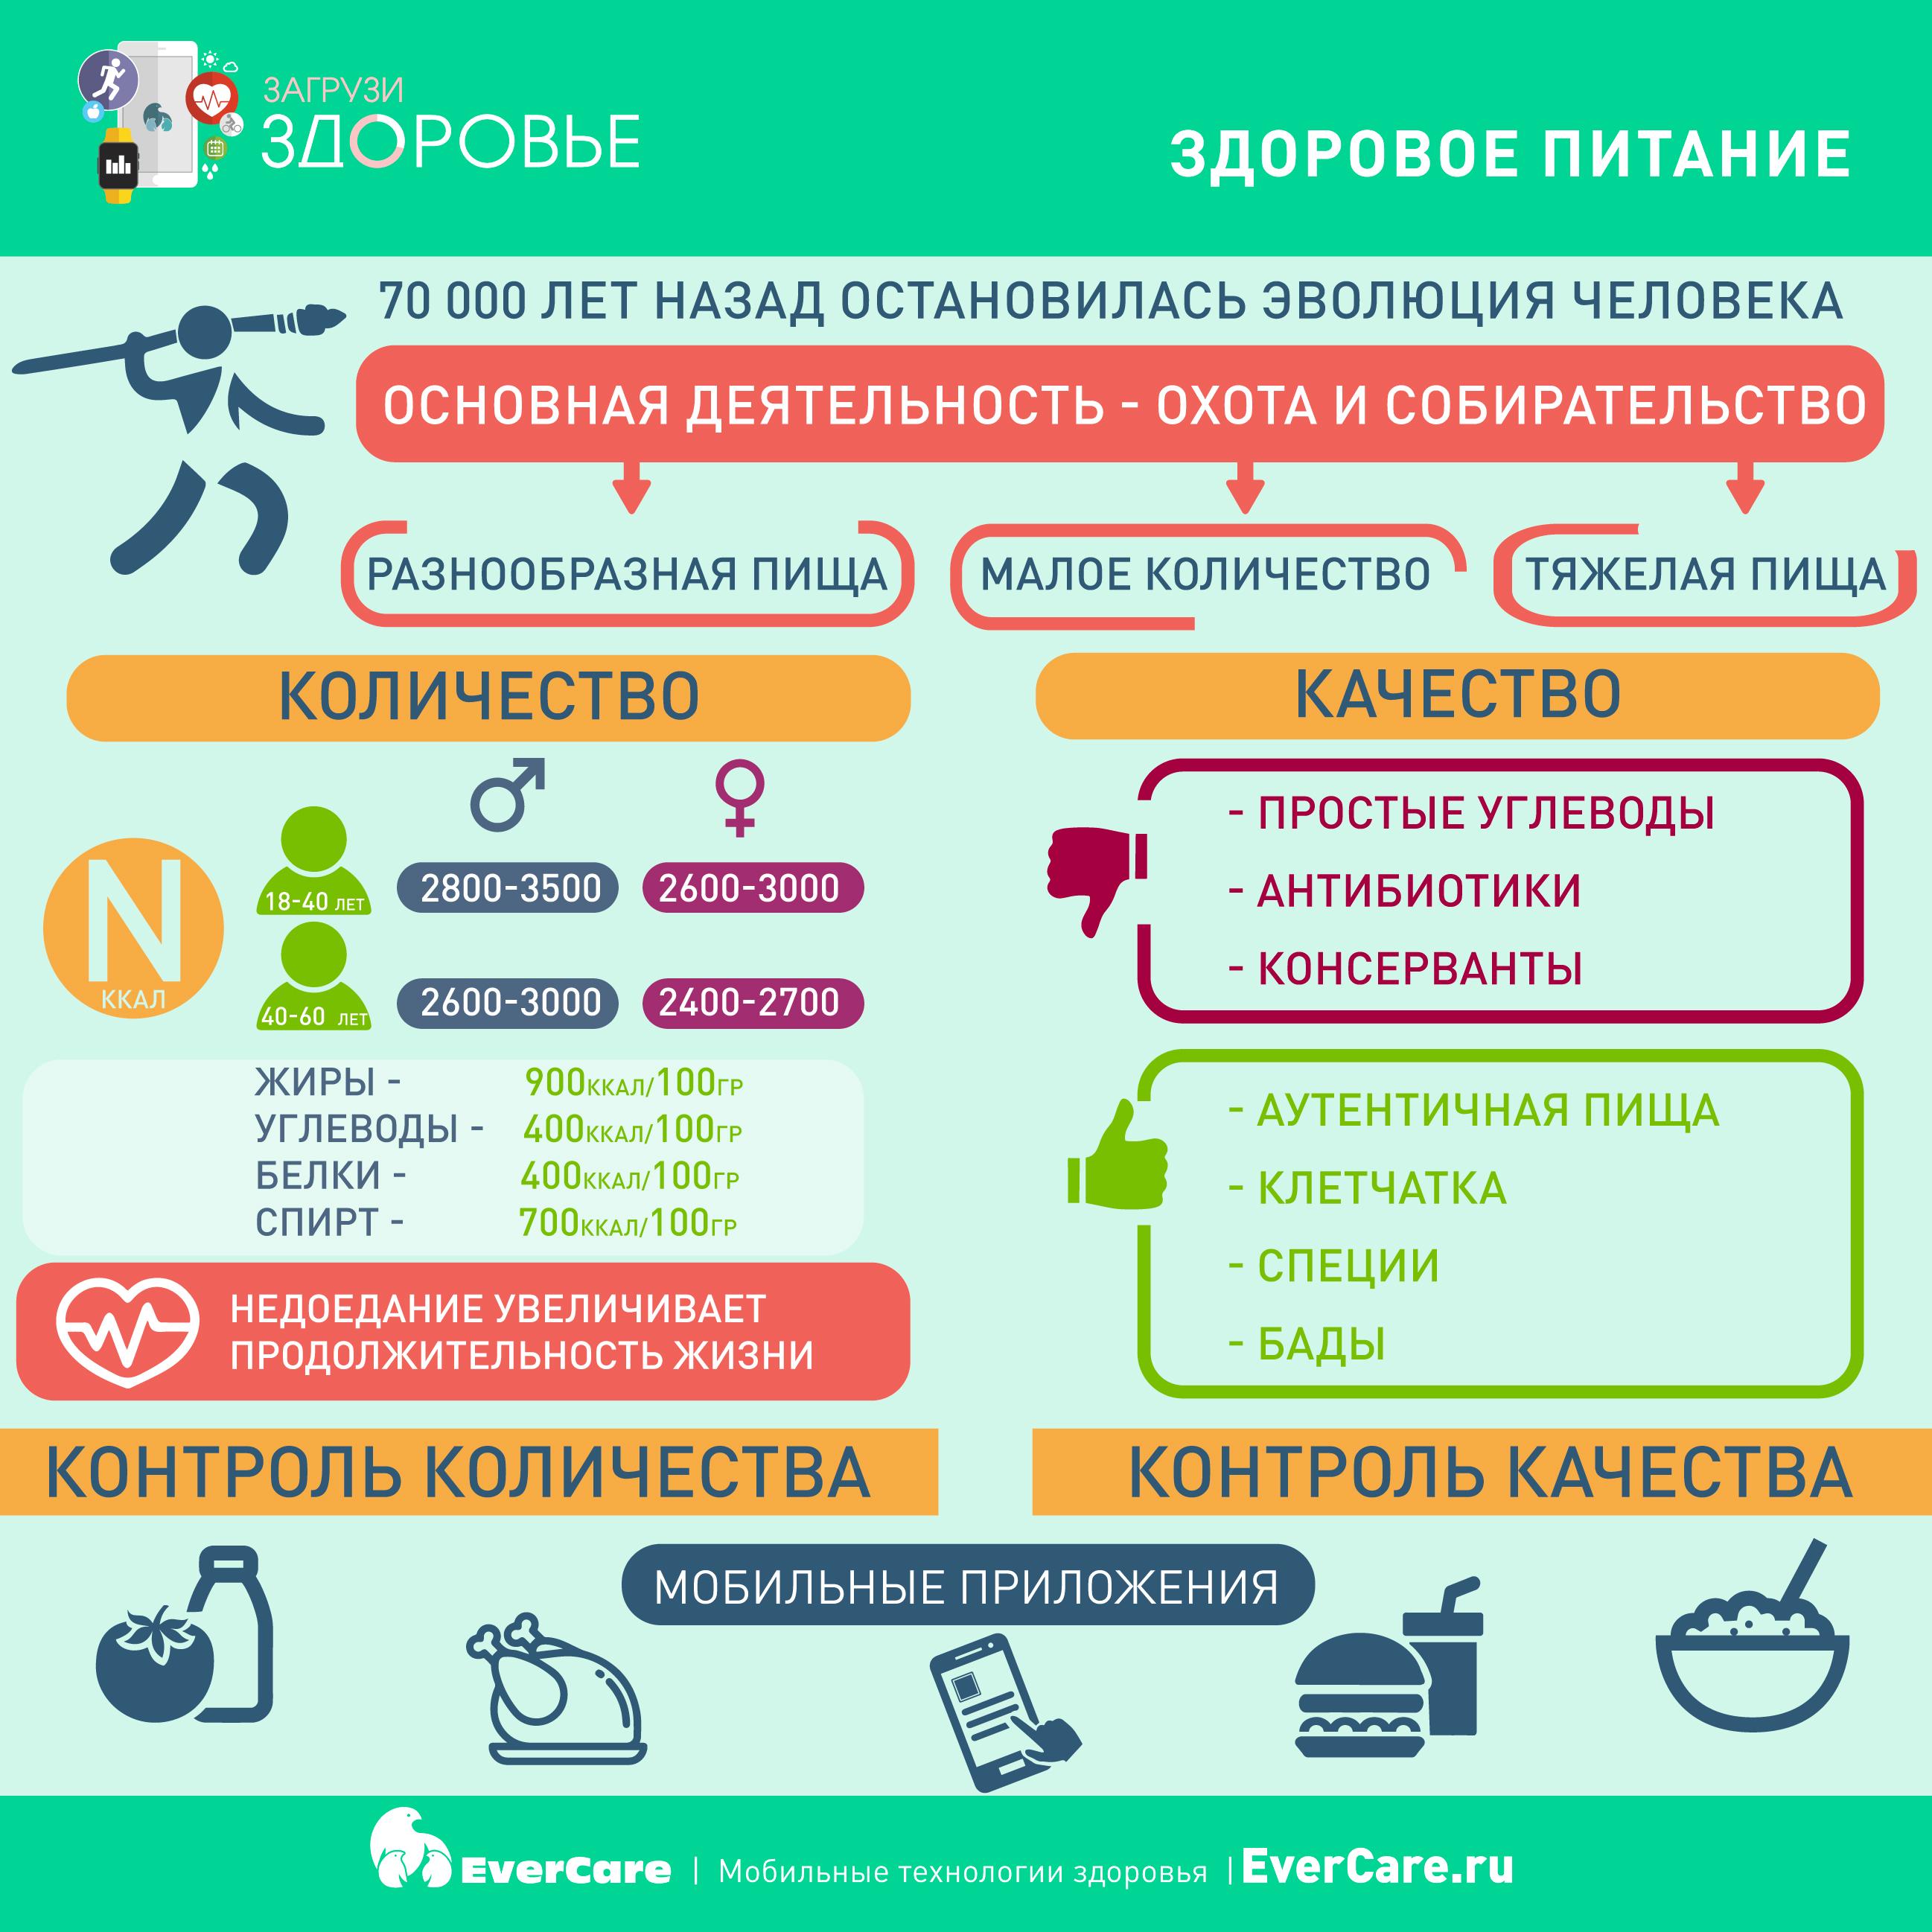 Здоровое питание, Инфографика